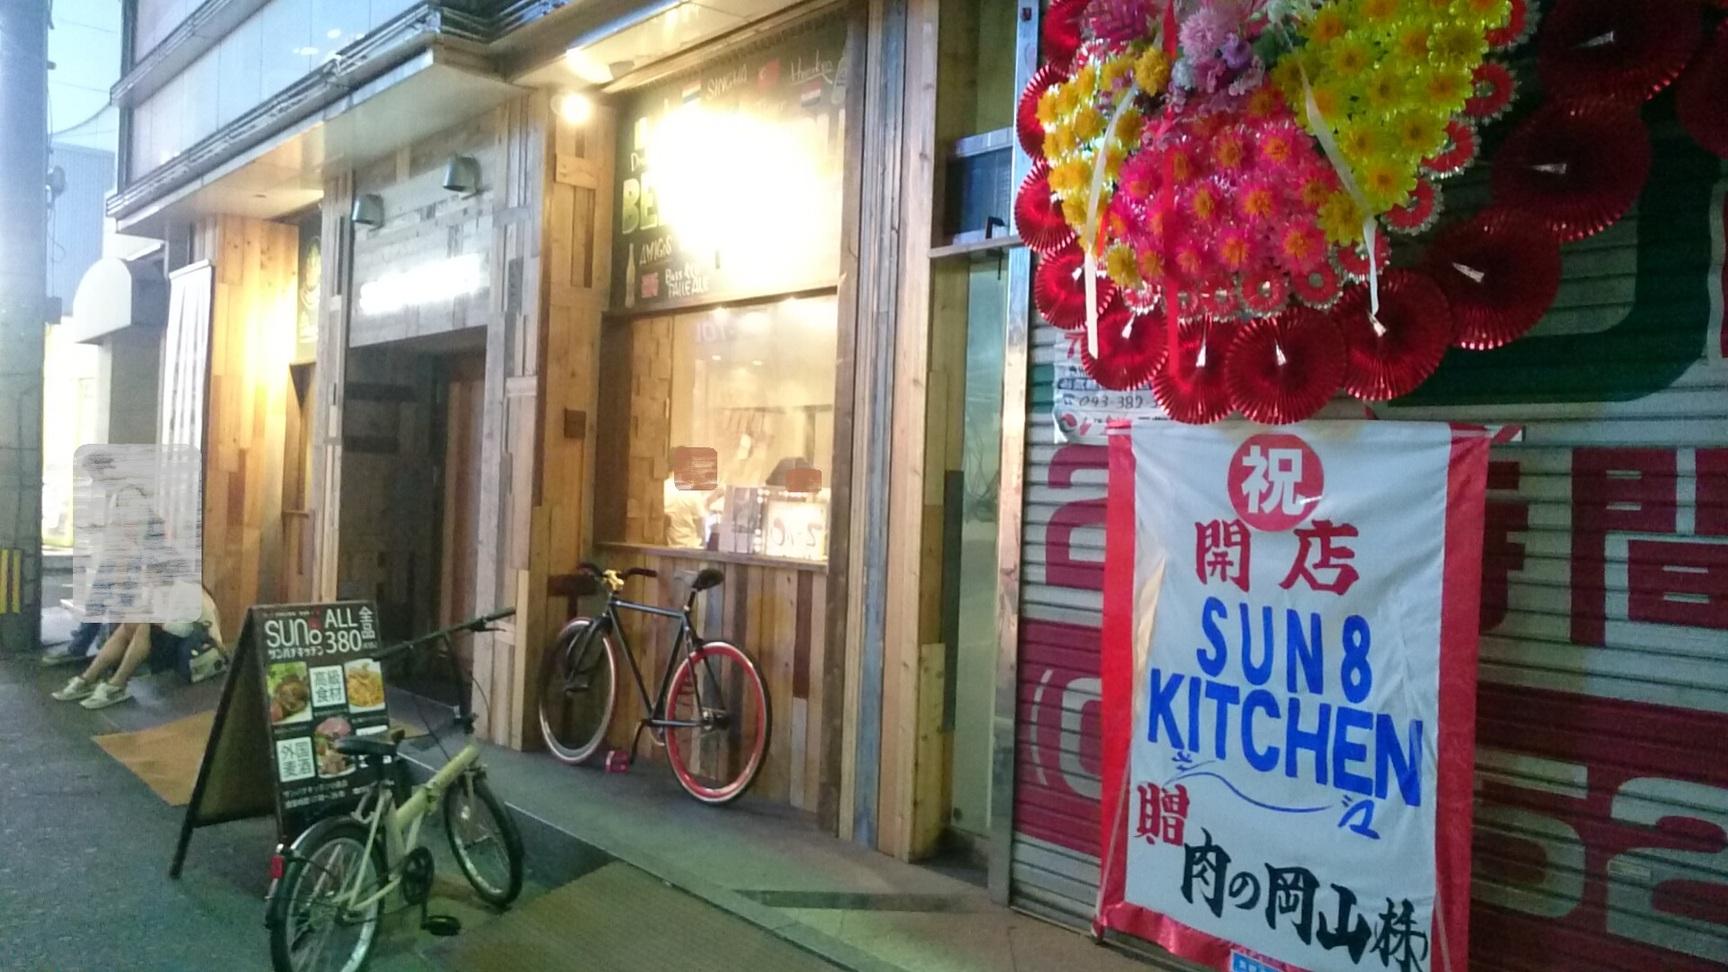 サンパチキッチン 小倉店